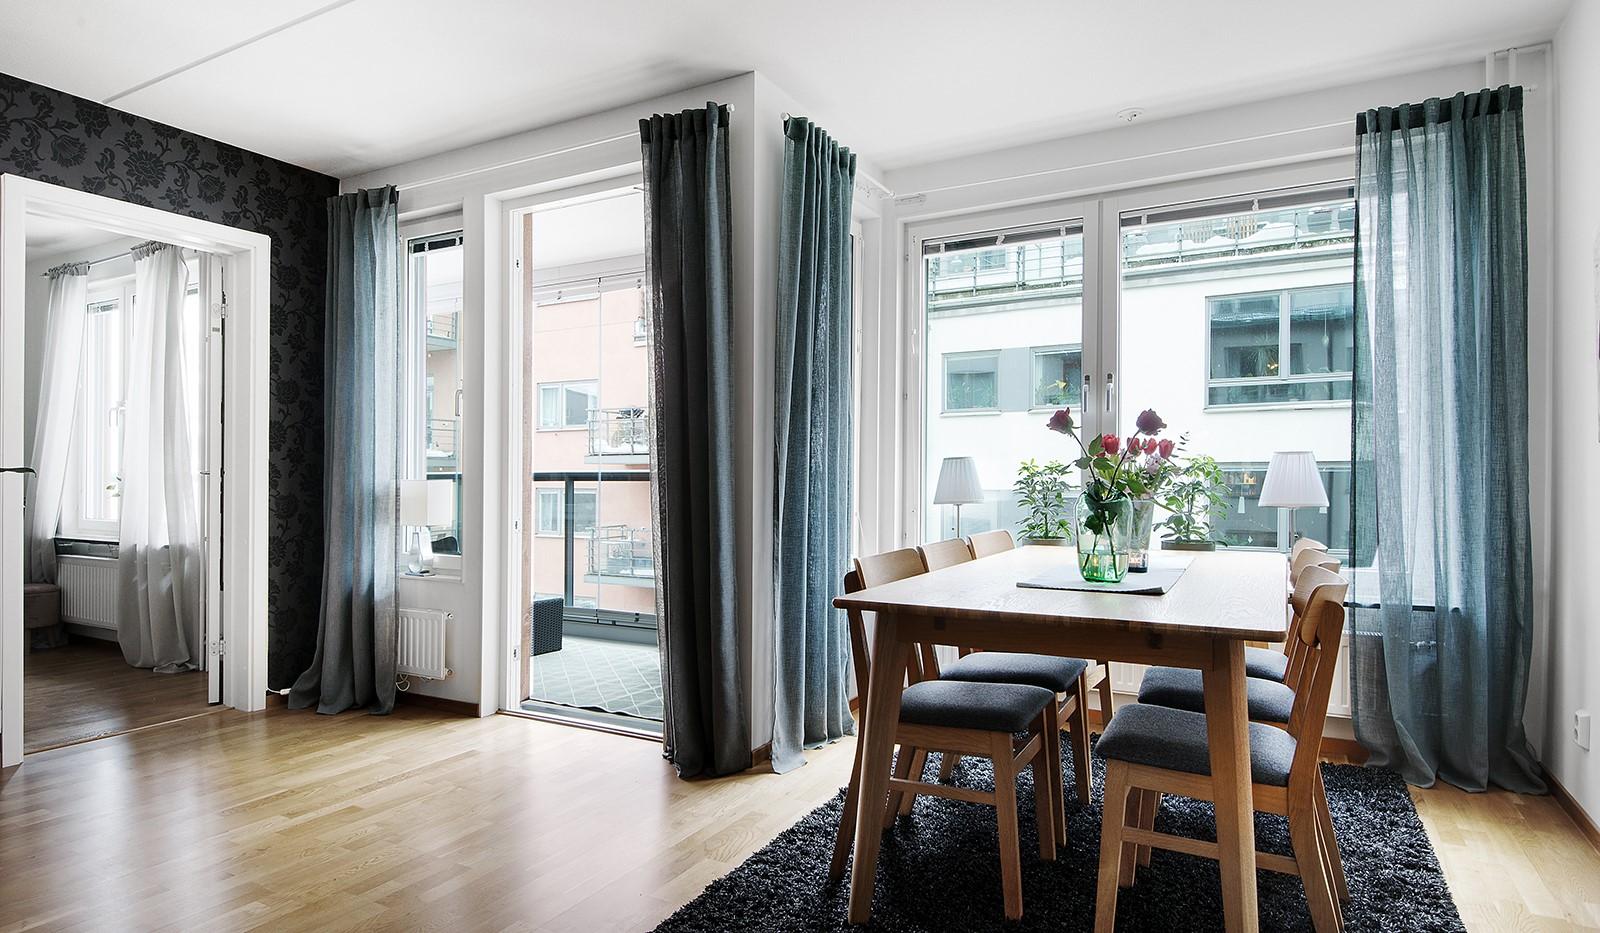 Grönbrinksgatan 6, 4tr - Härligt ljusinsläpp från flera stora fönsterpartier och trivsam matplats med sjöglimt